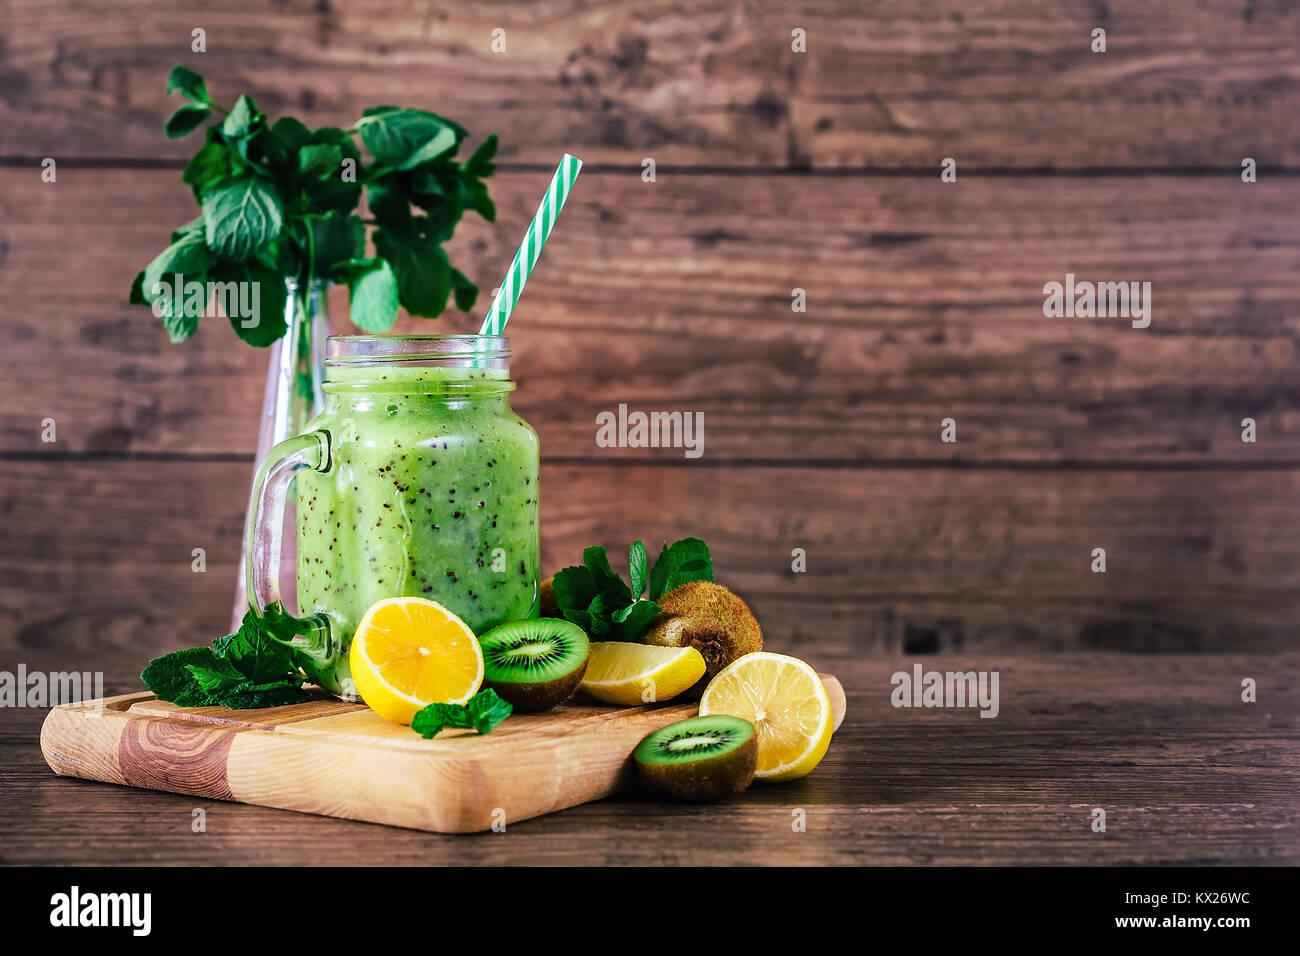 Köstliche kiwi Smoothie mit Minze in Mason jar auf Tisch vor dunklem Hintergrund. Gesunder Lebensstil Konzept Stockbild